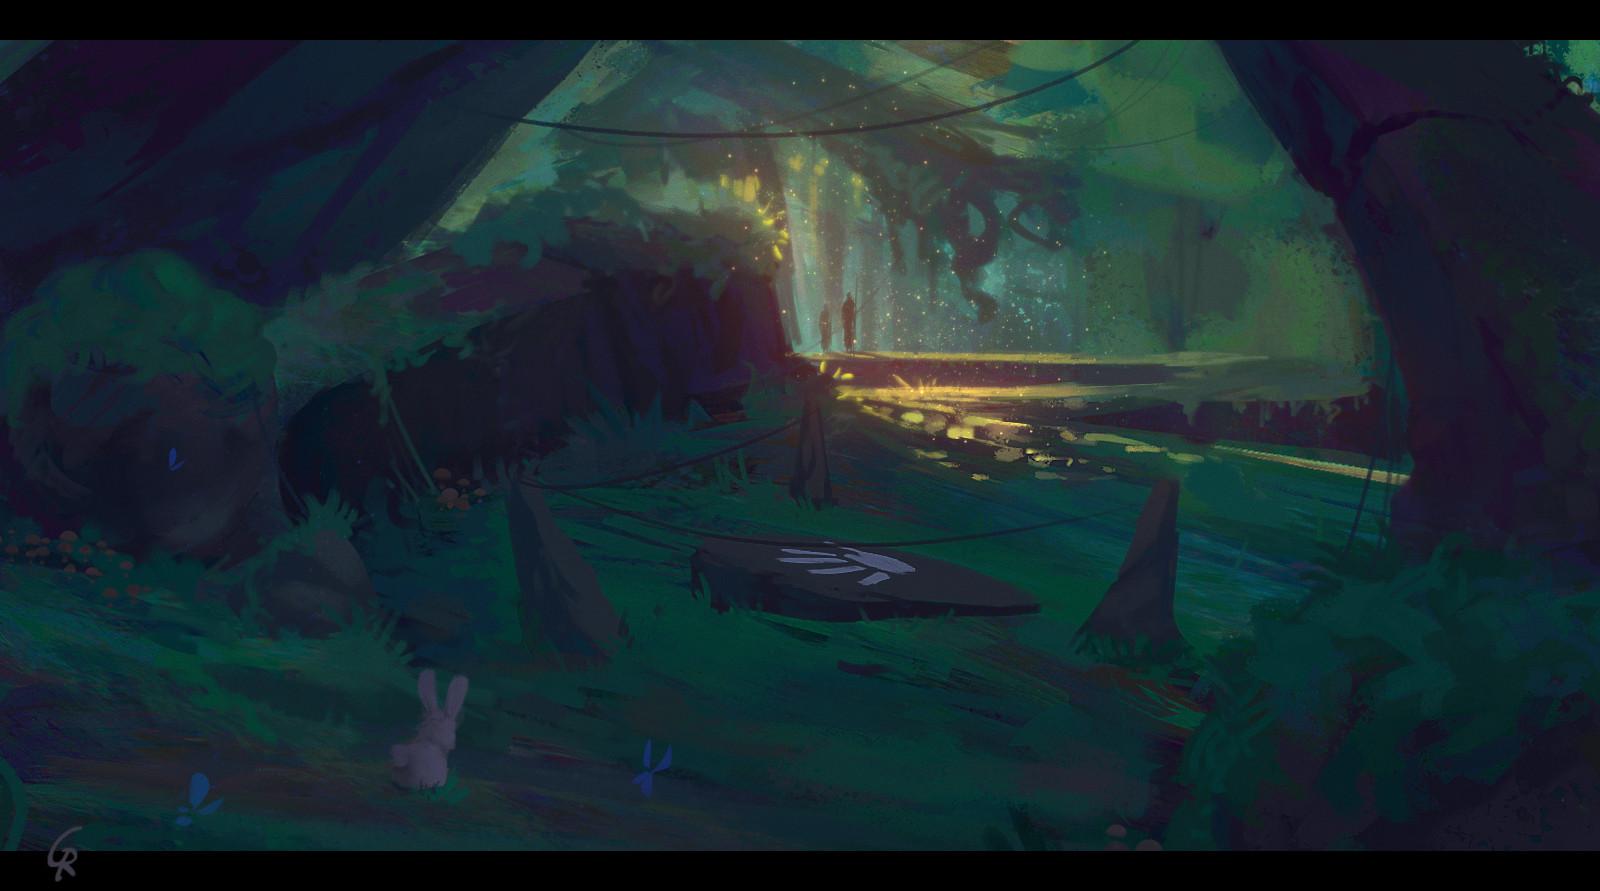 Day 181 - Ritual site